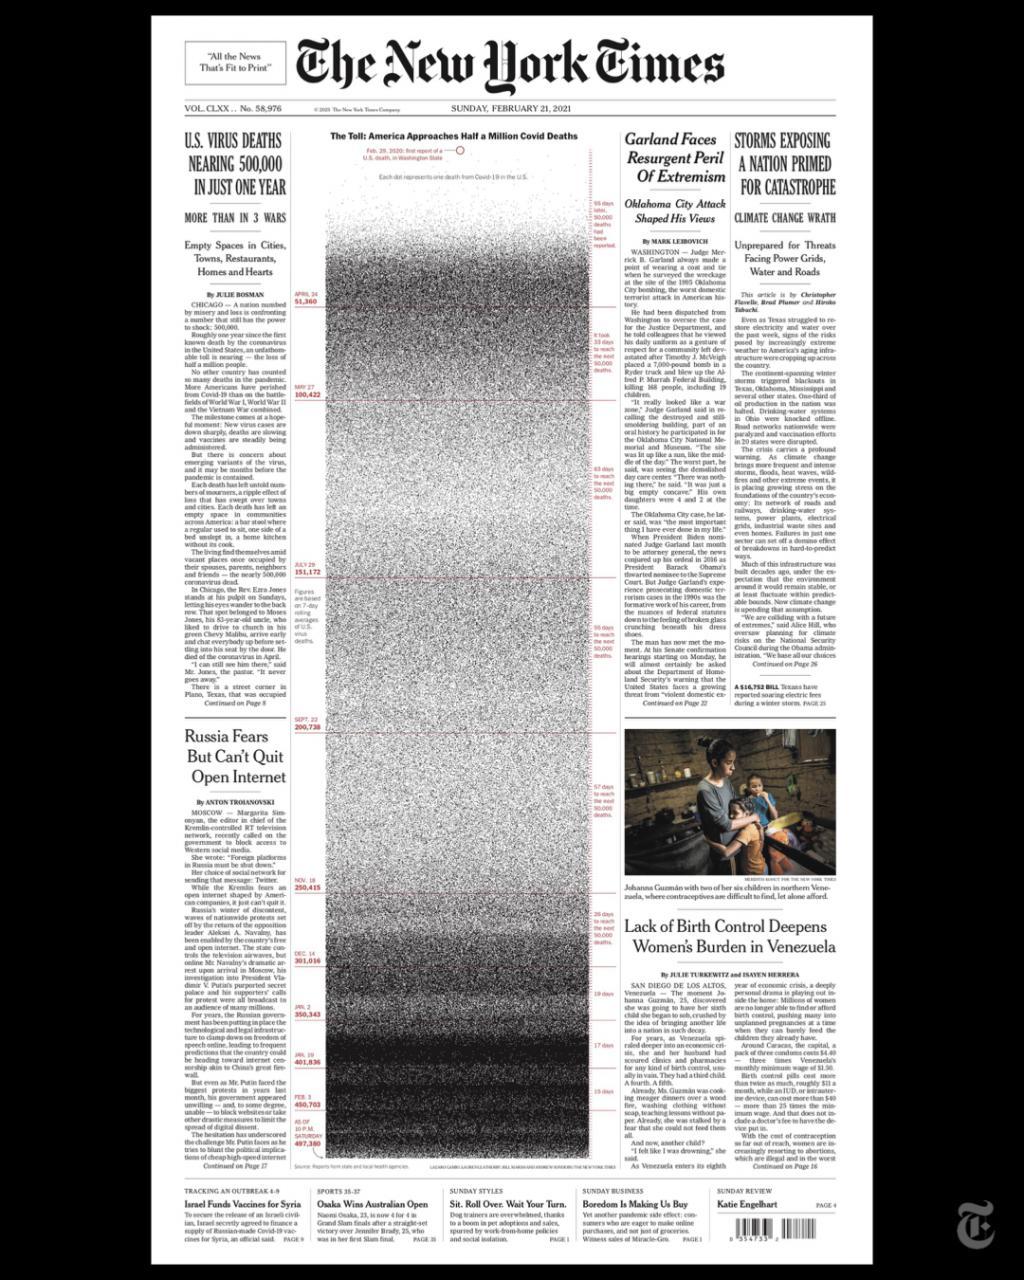 """密密麻麻!《紐約時報》頭版刊登近50萬個""""點"""""""